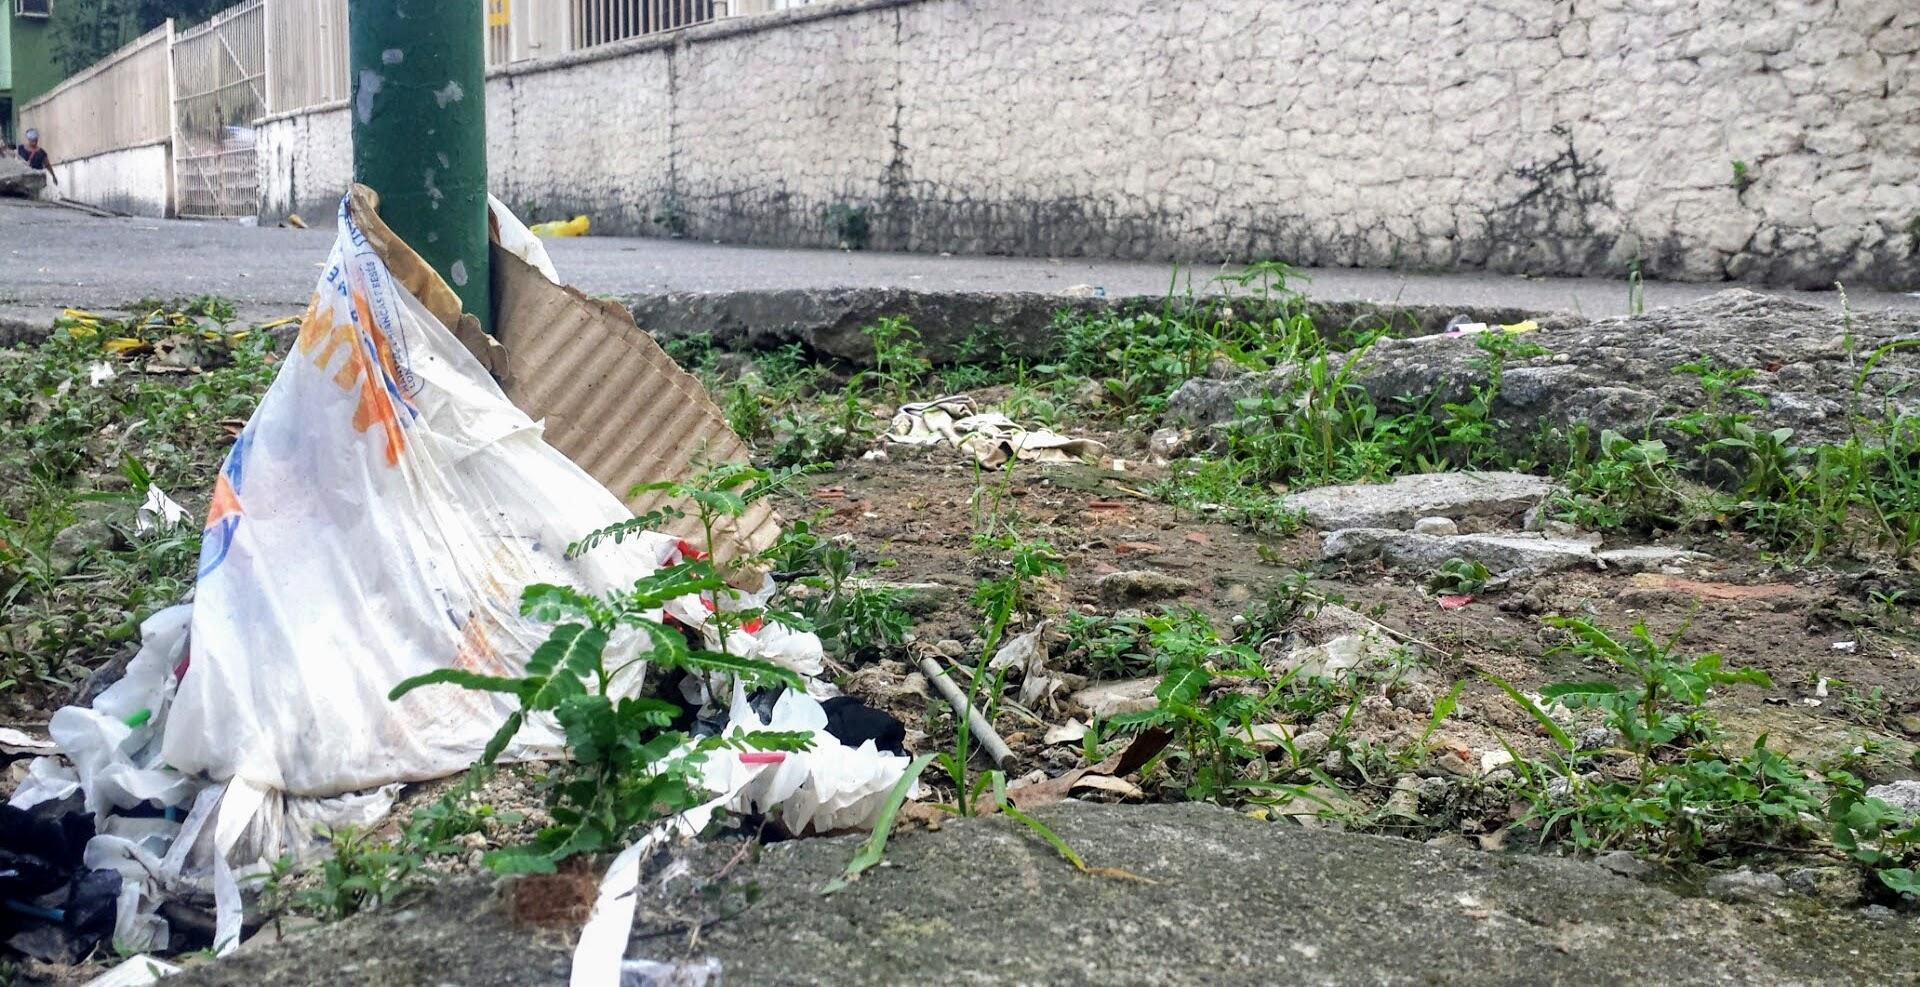 #Opinião: Nova lei das sacolas plásticas no Rio pode ser oportunidade?